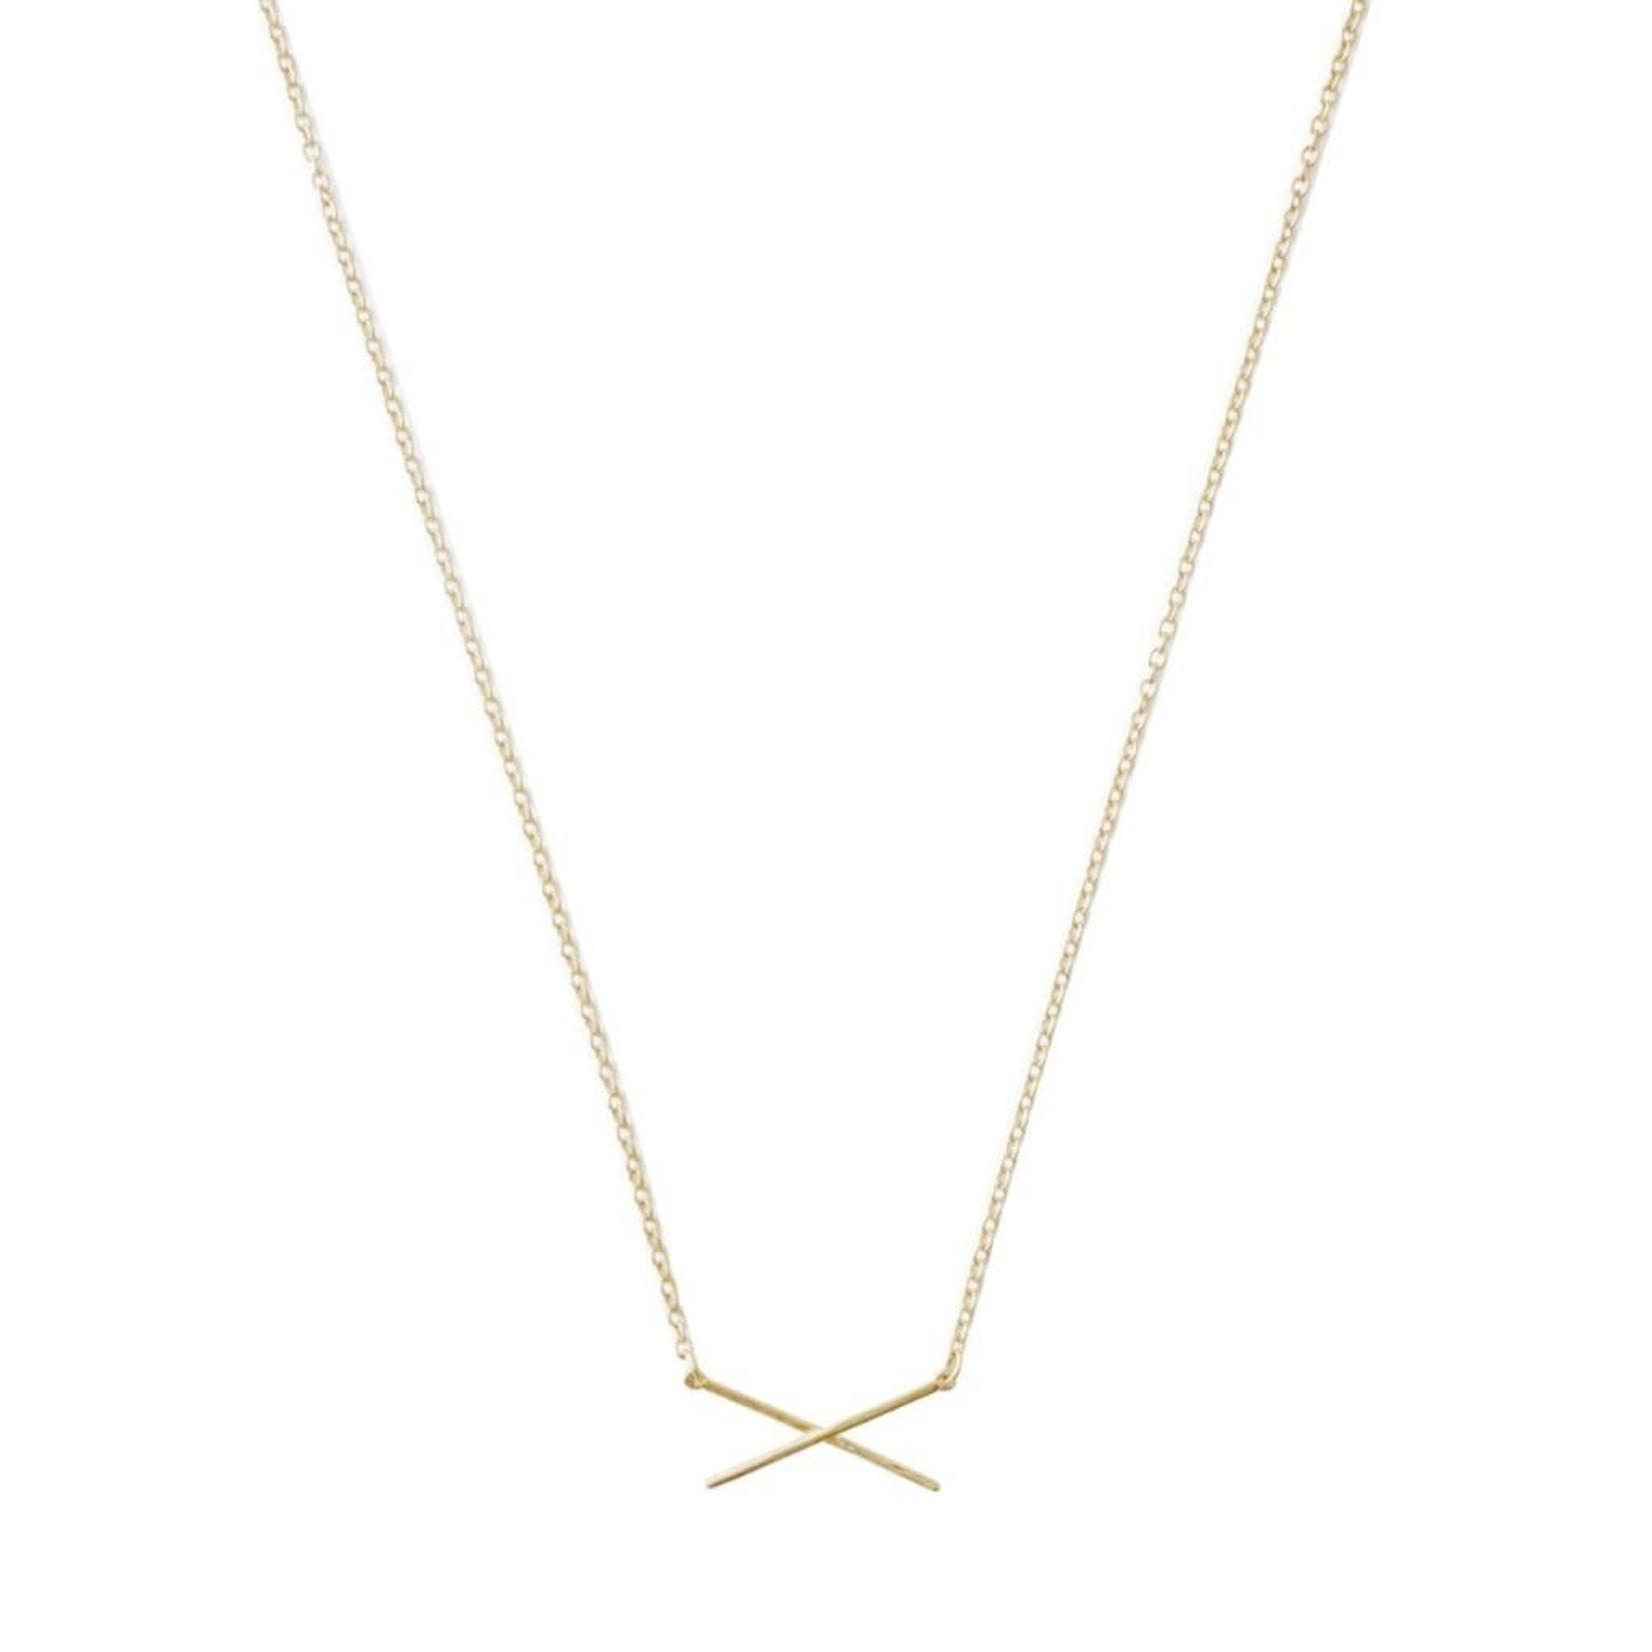 Honeycat Jewelry X Bar Necklace by Honeycat Jewelry